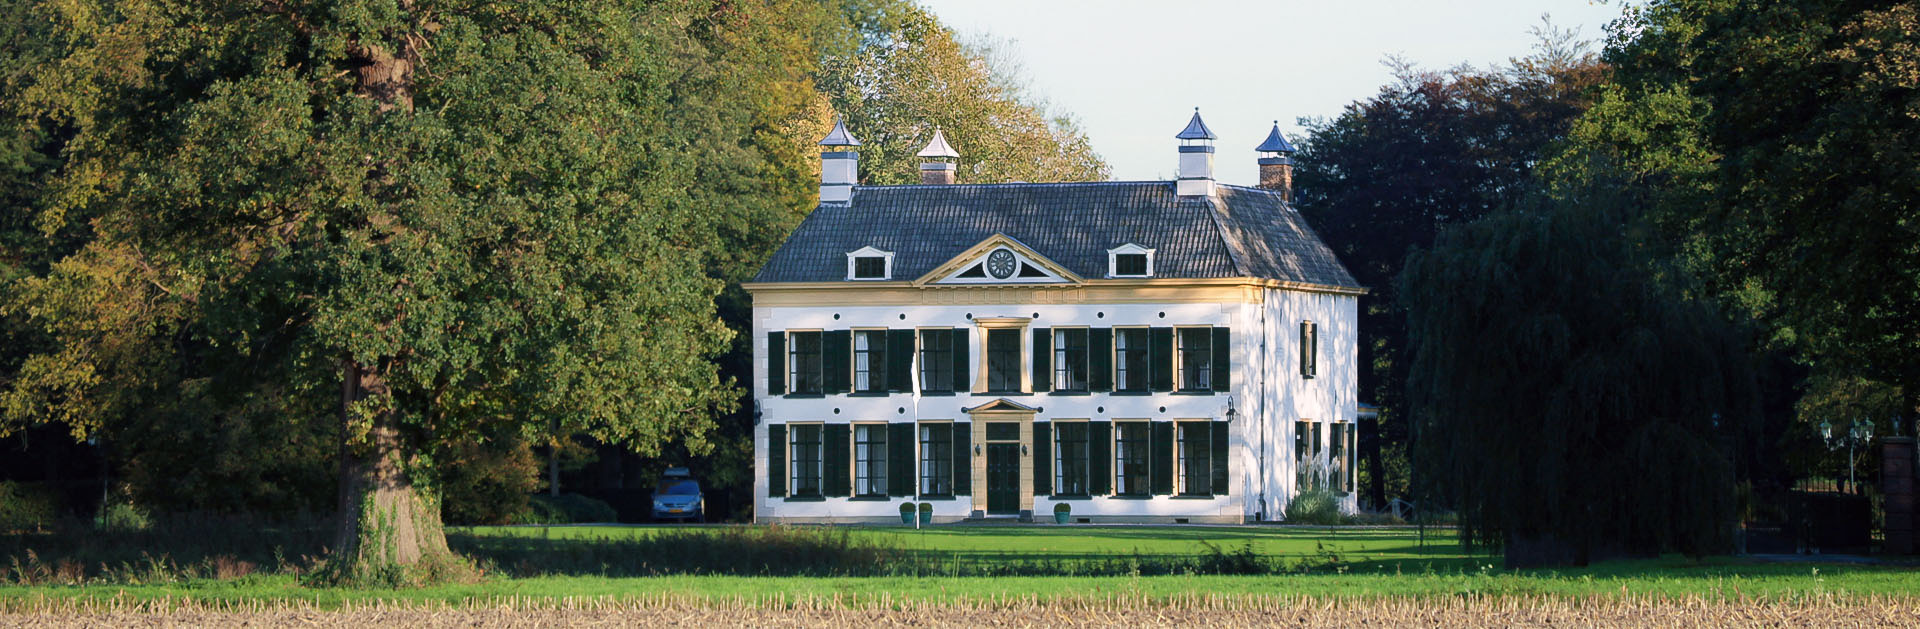 Huis De Ulenpas - Hoog Keppel Regio Achterhoek - Liemers